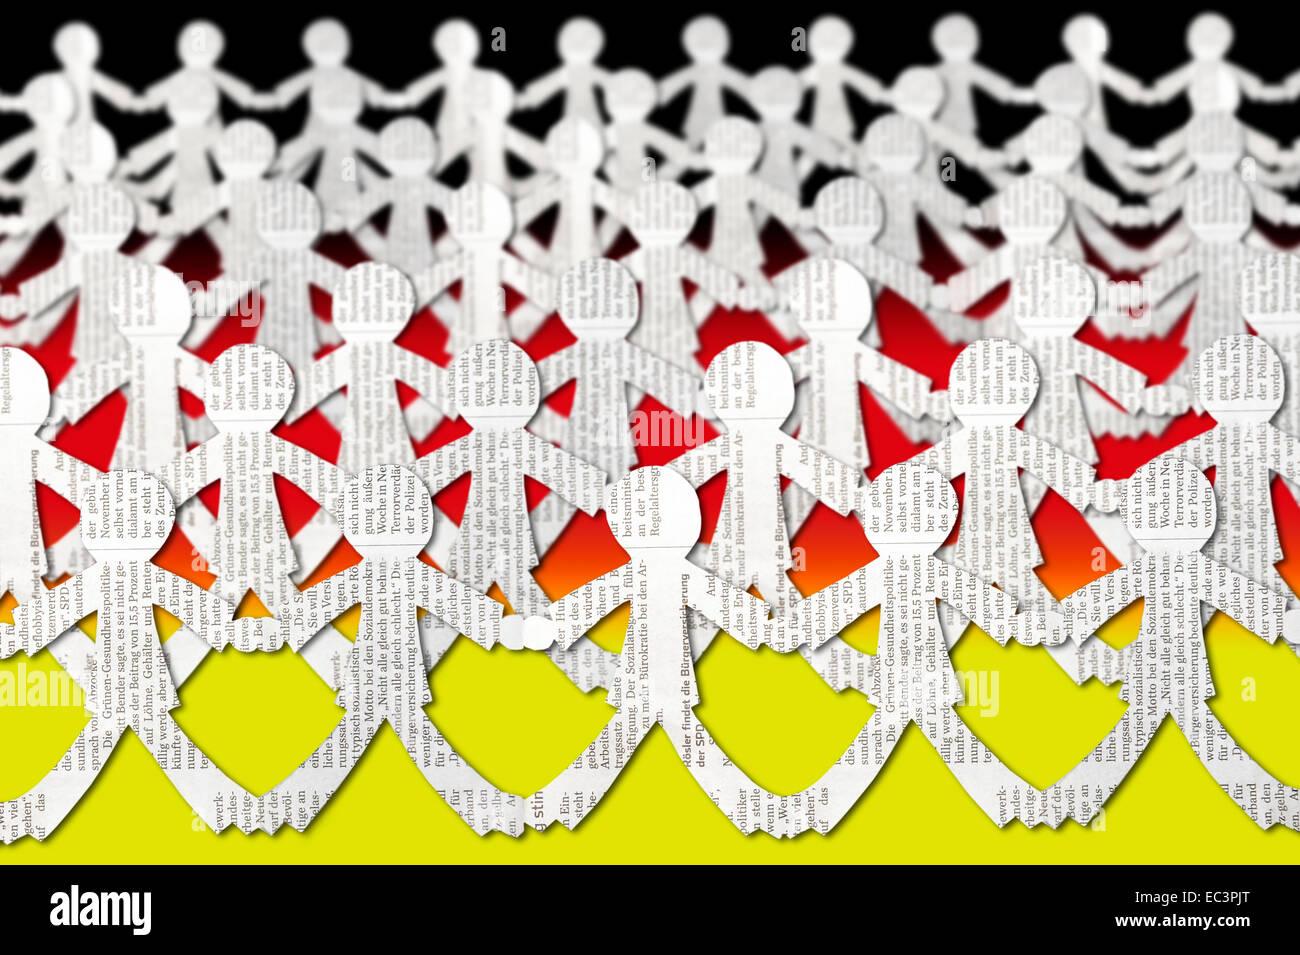 Menschenkette, Widerstand der Öffentlichkeit Stockfoto